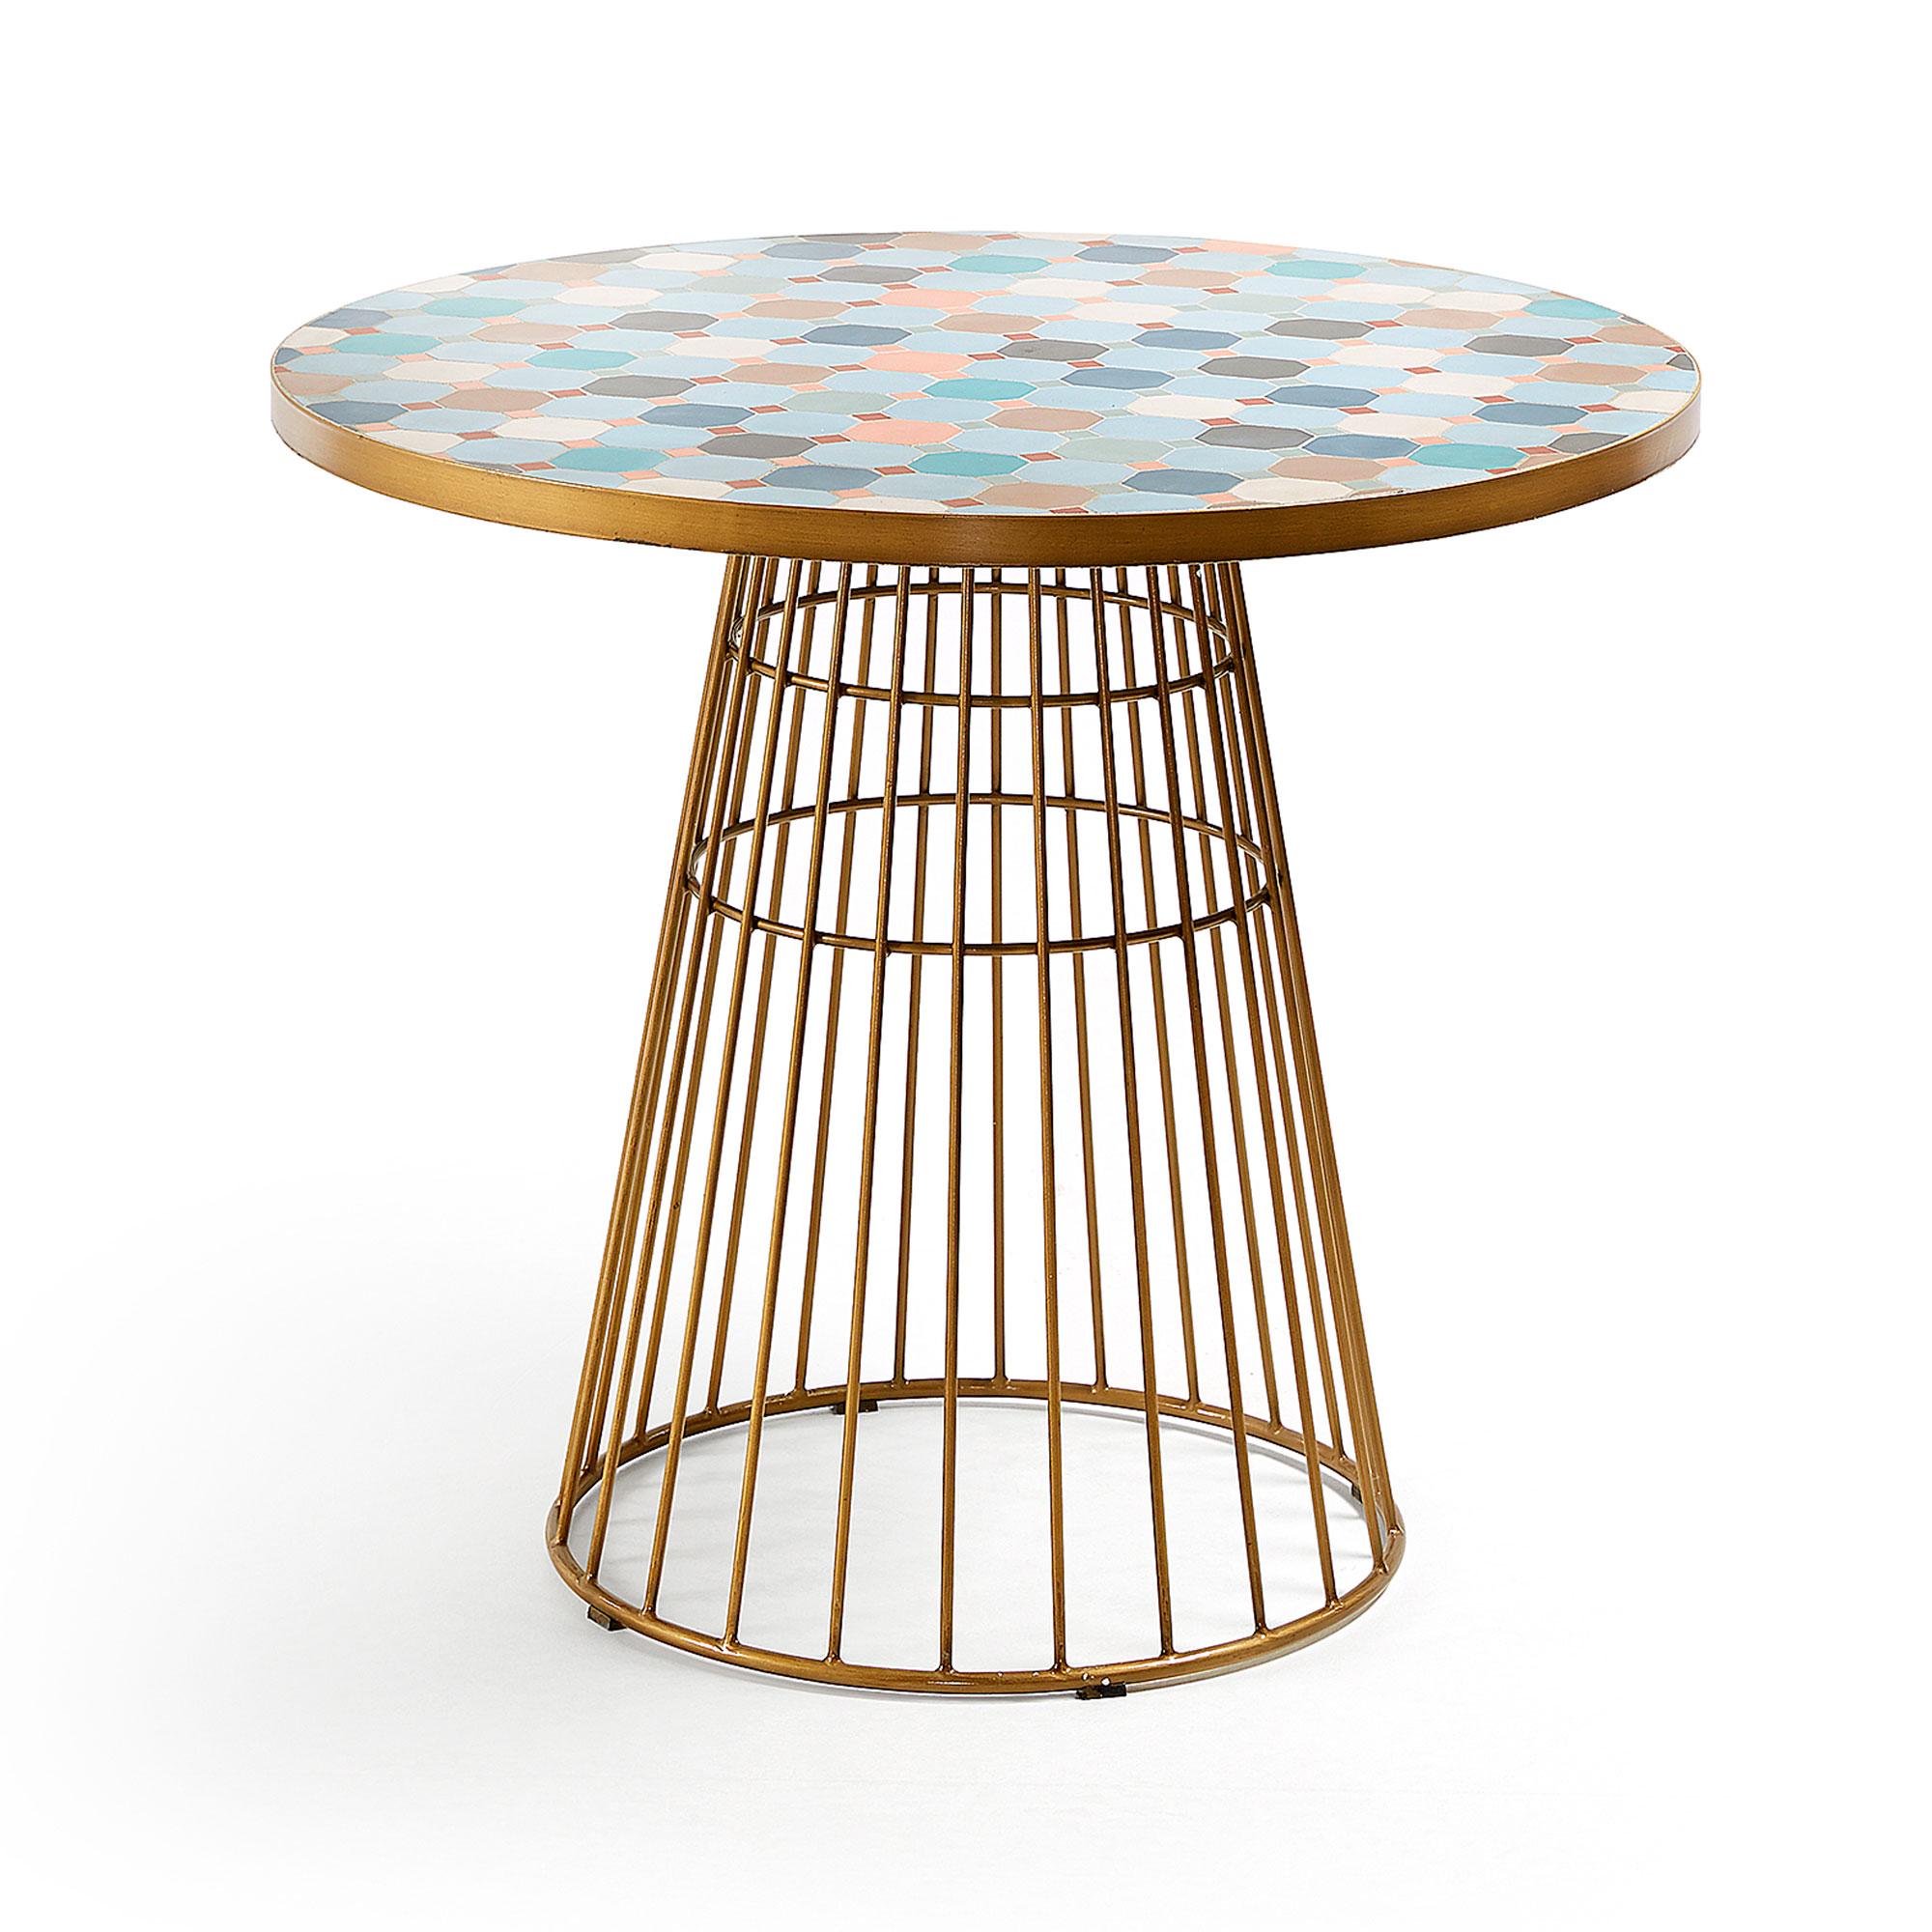 laforma – Laforma elsa caf?bord - multifarvet/guld fliser/stål, rund (ø90) fra boboonline.dk